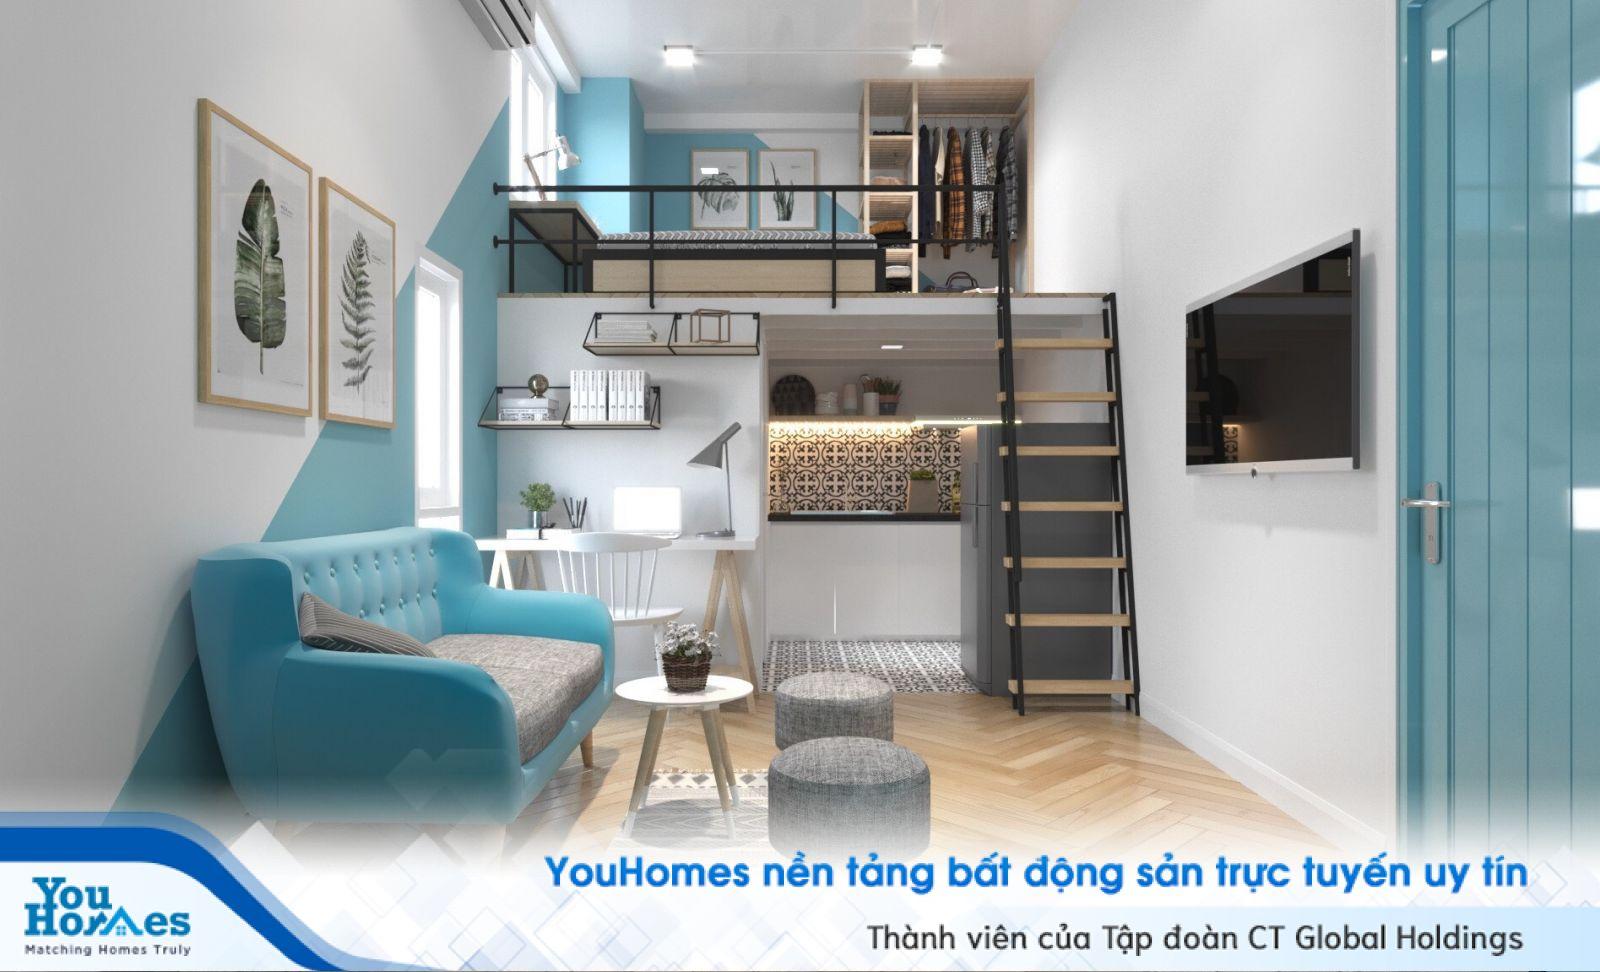 Phong cách thiết kế hiện đại rất phù hợp với những căn nhà nhỏ hẹp.